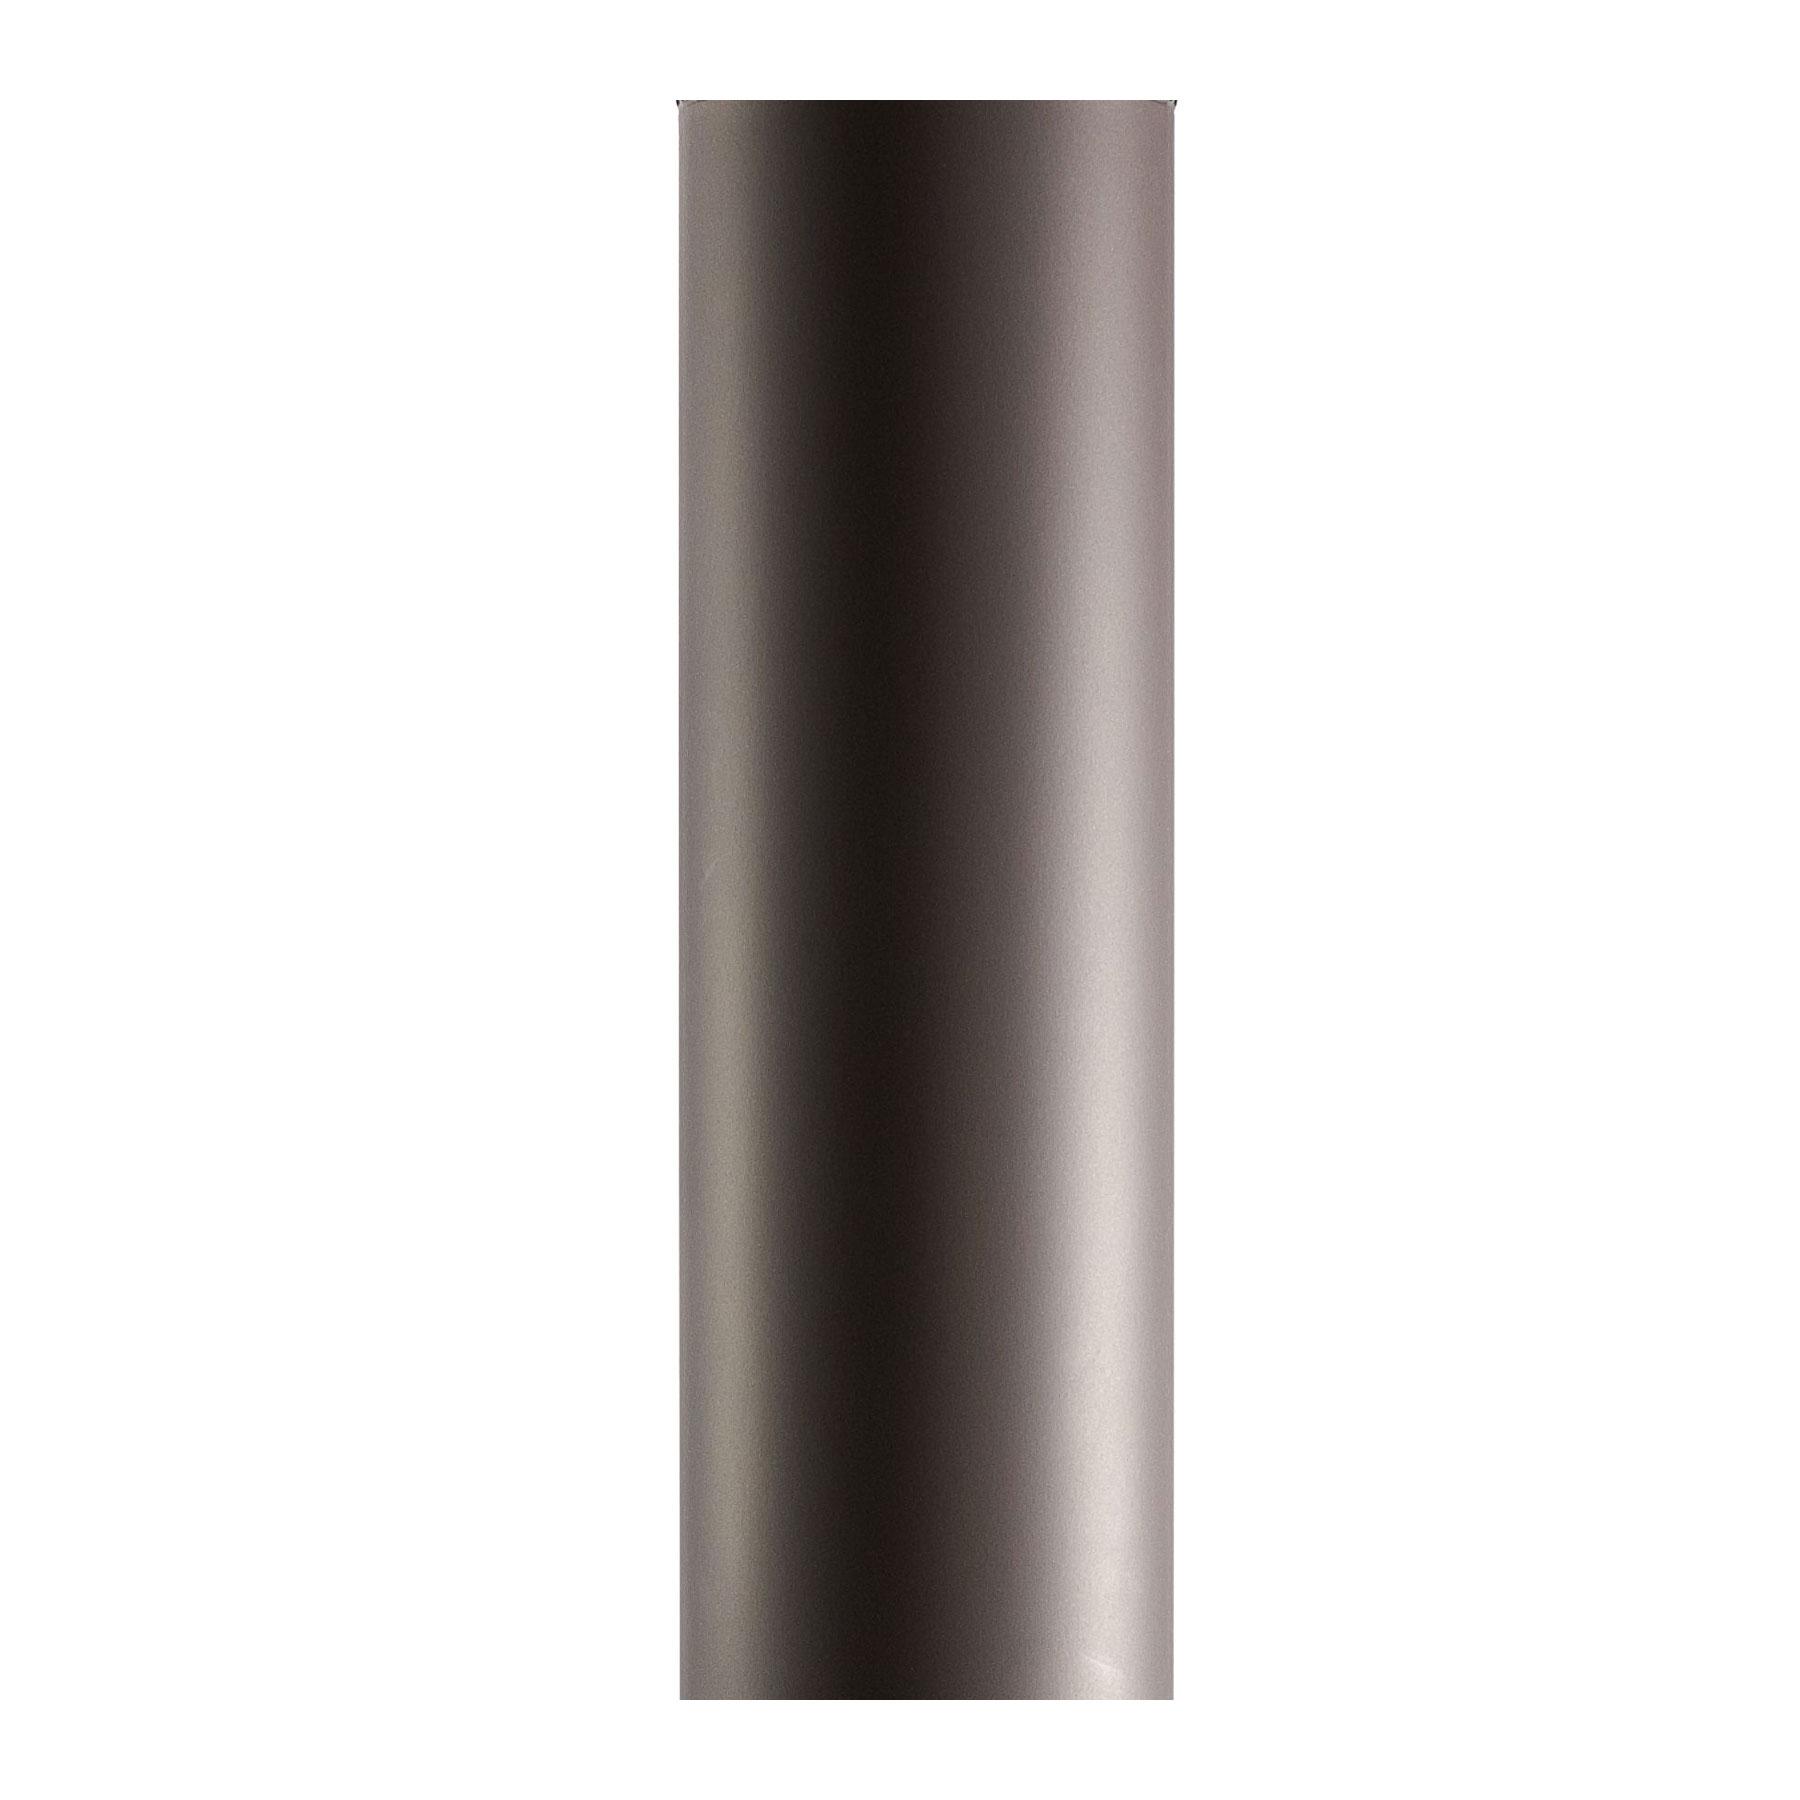 Rauchrohr-Verlängerung für Firestar Grillkamin DN 700 braun 100cm Bild 1